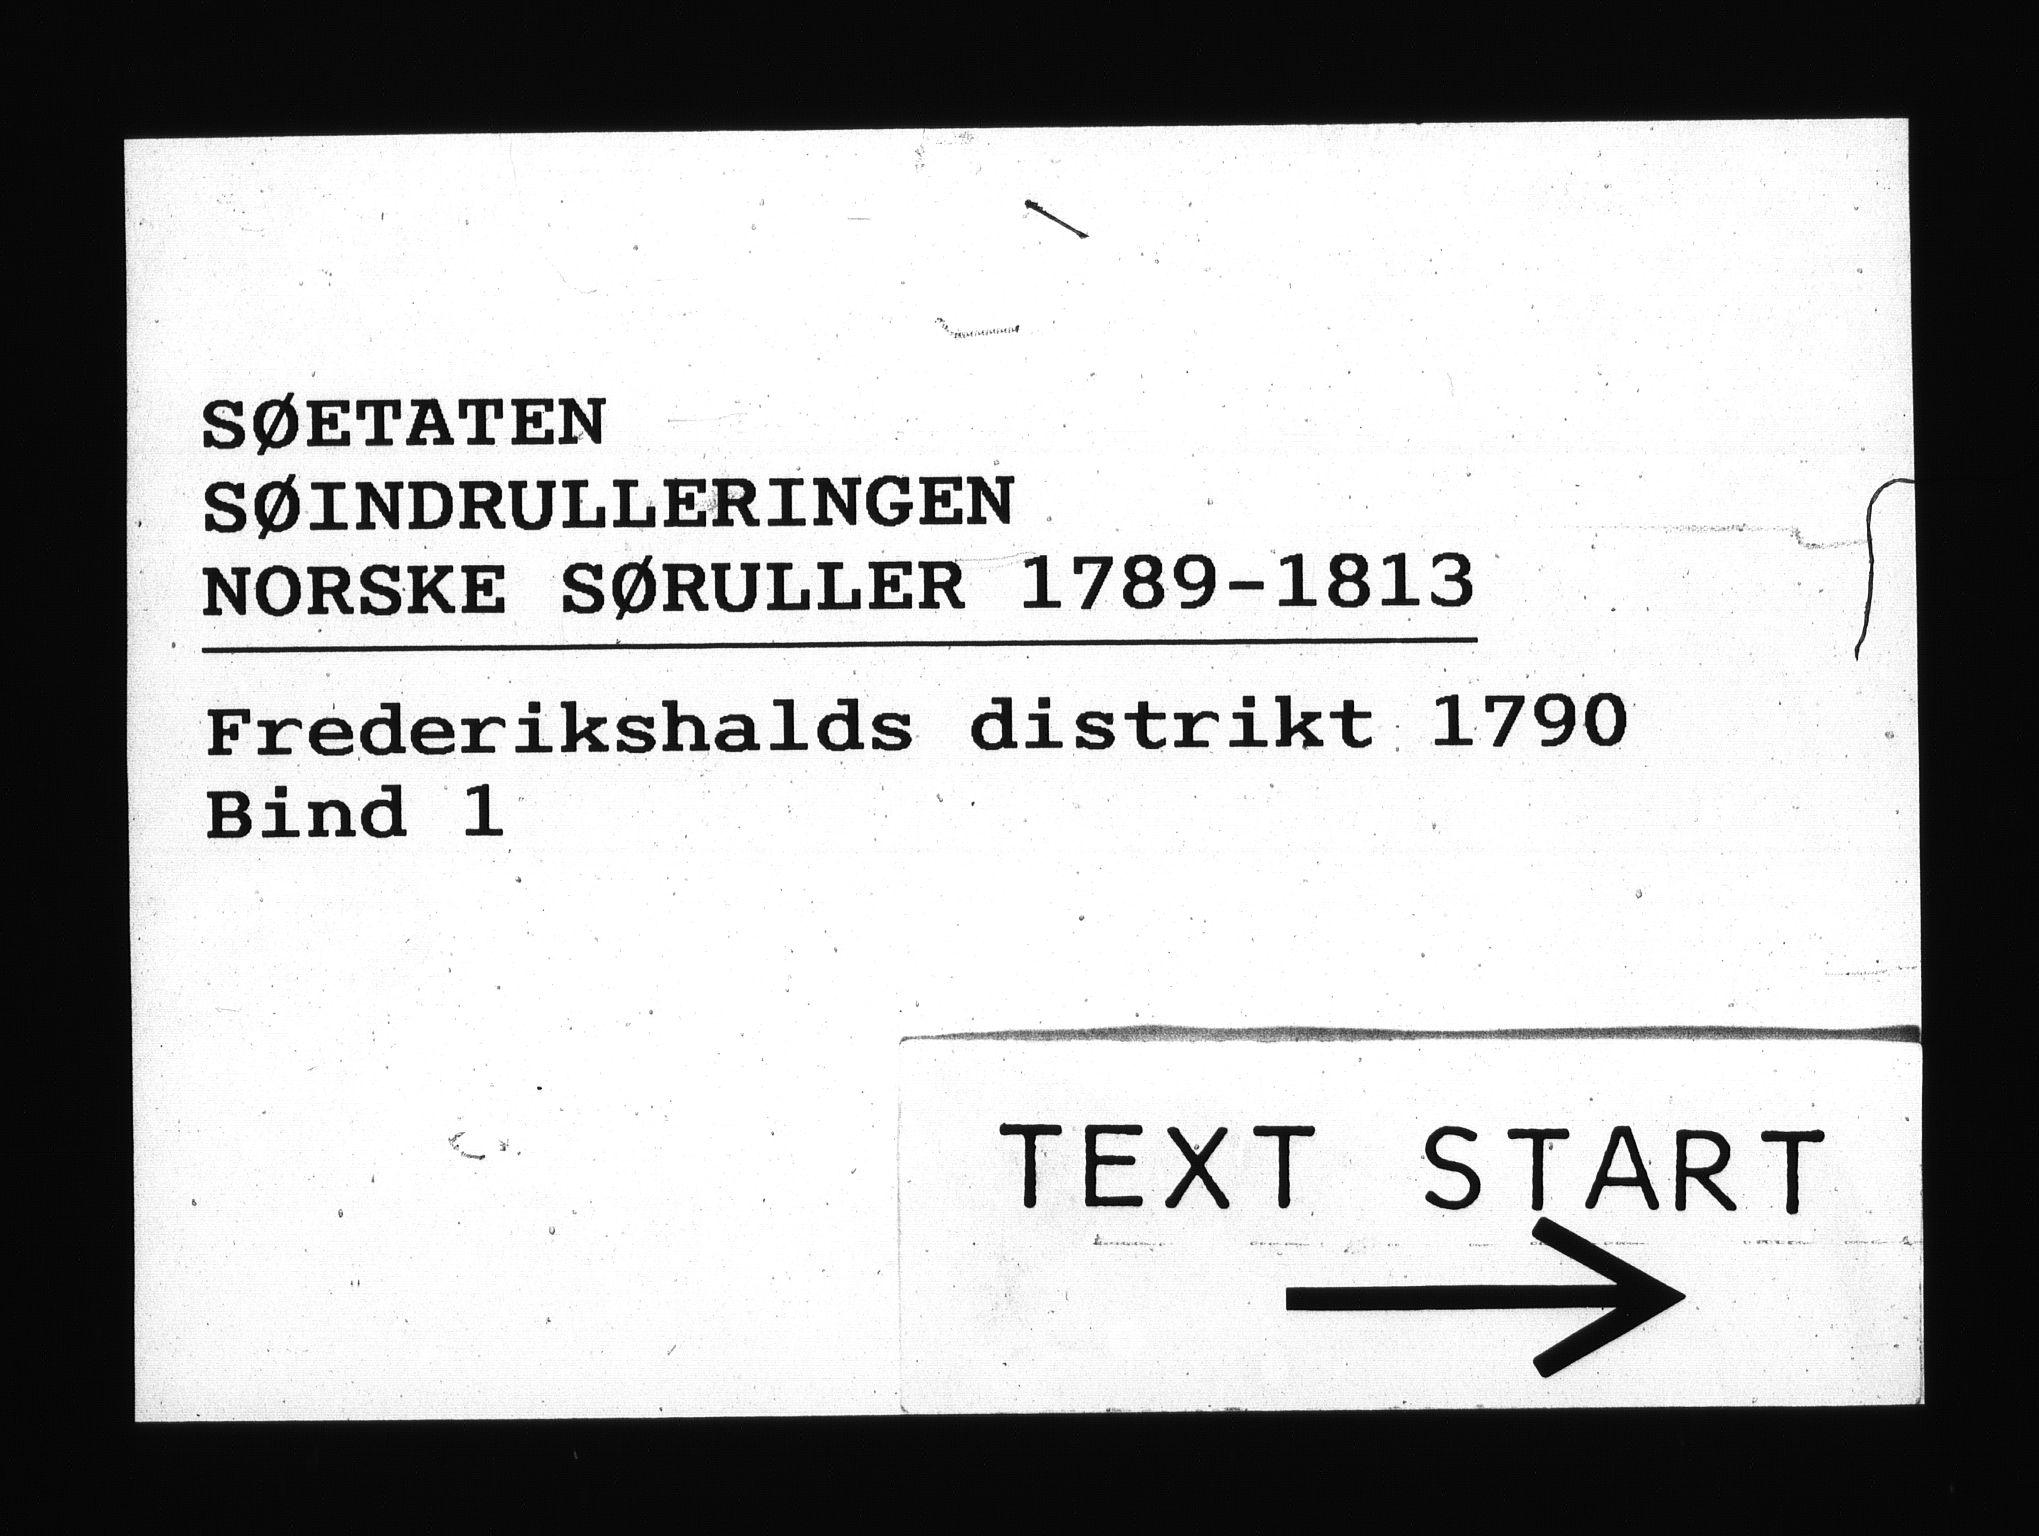 RA, Sjøetaten, F/L0173: Fredrikshalds distrikt, bind 1, 1790